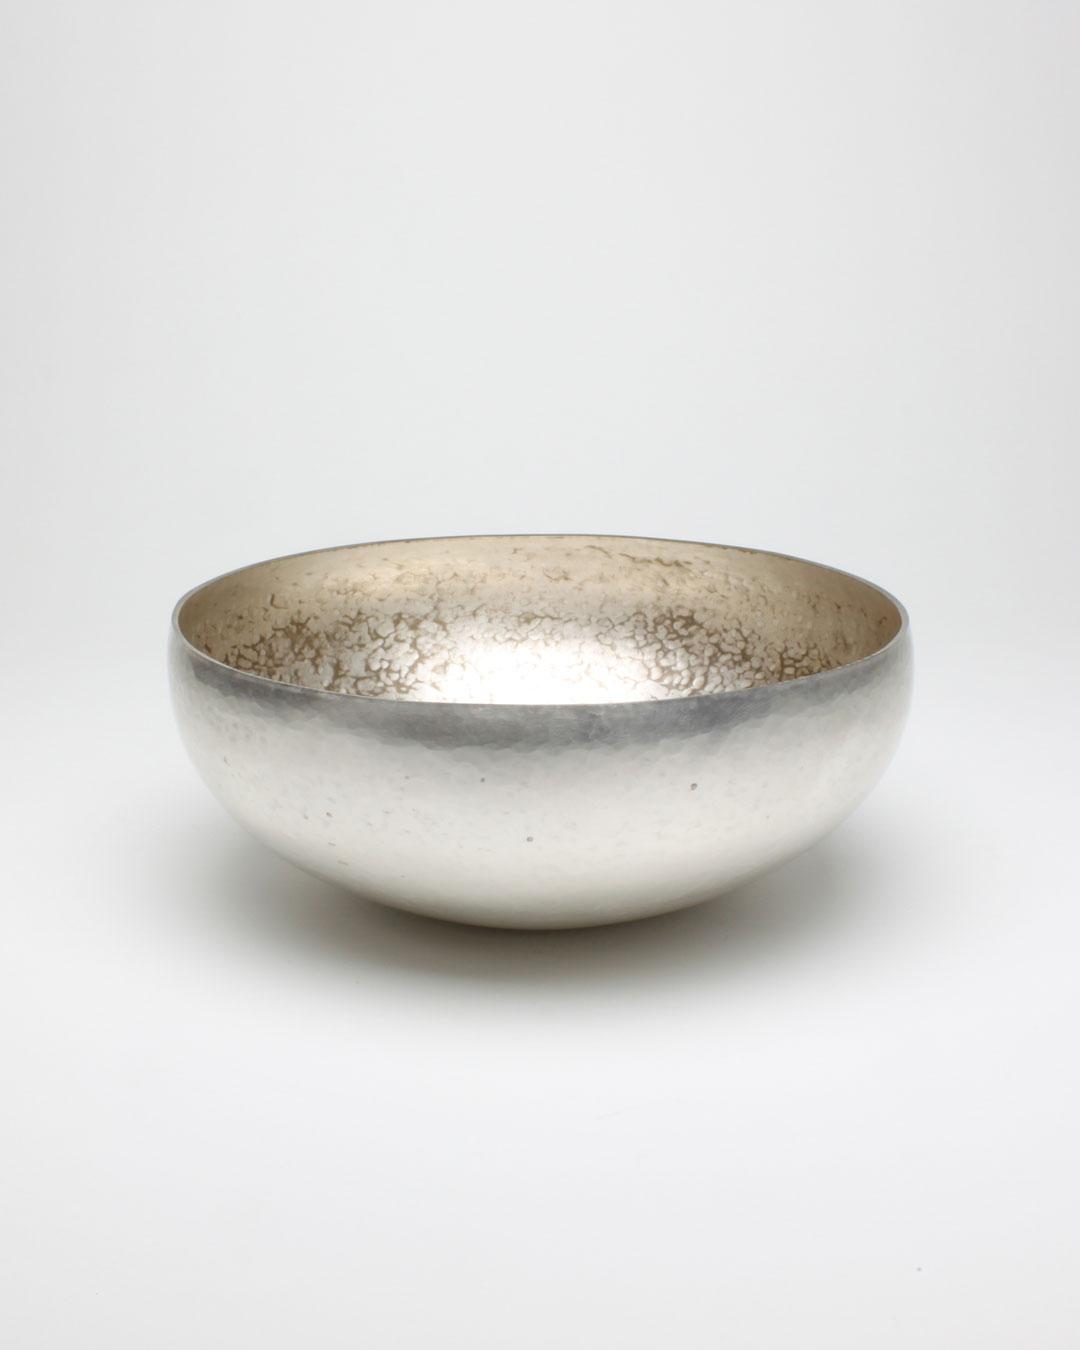 Cóilín Ó Dubhghaill, Ceo 10, 2014, bowl; silver alloy, copper alloy, 90 x 225 x 225 mm, €5300